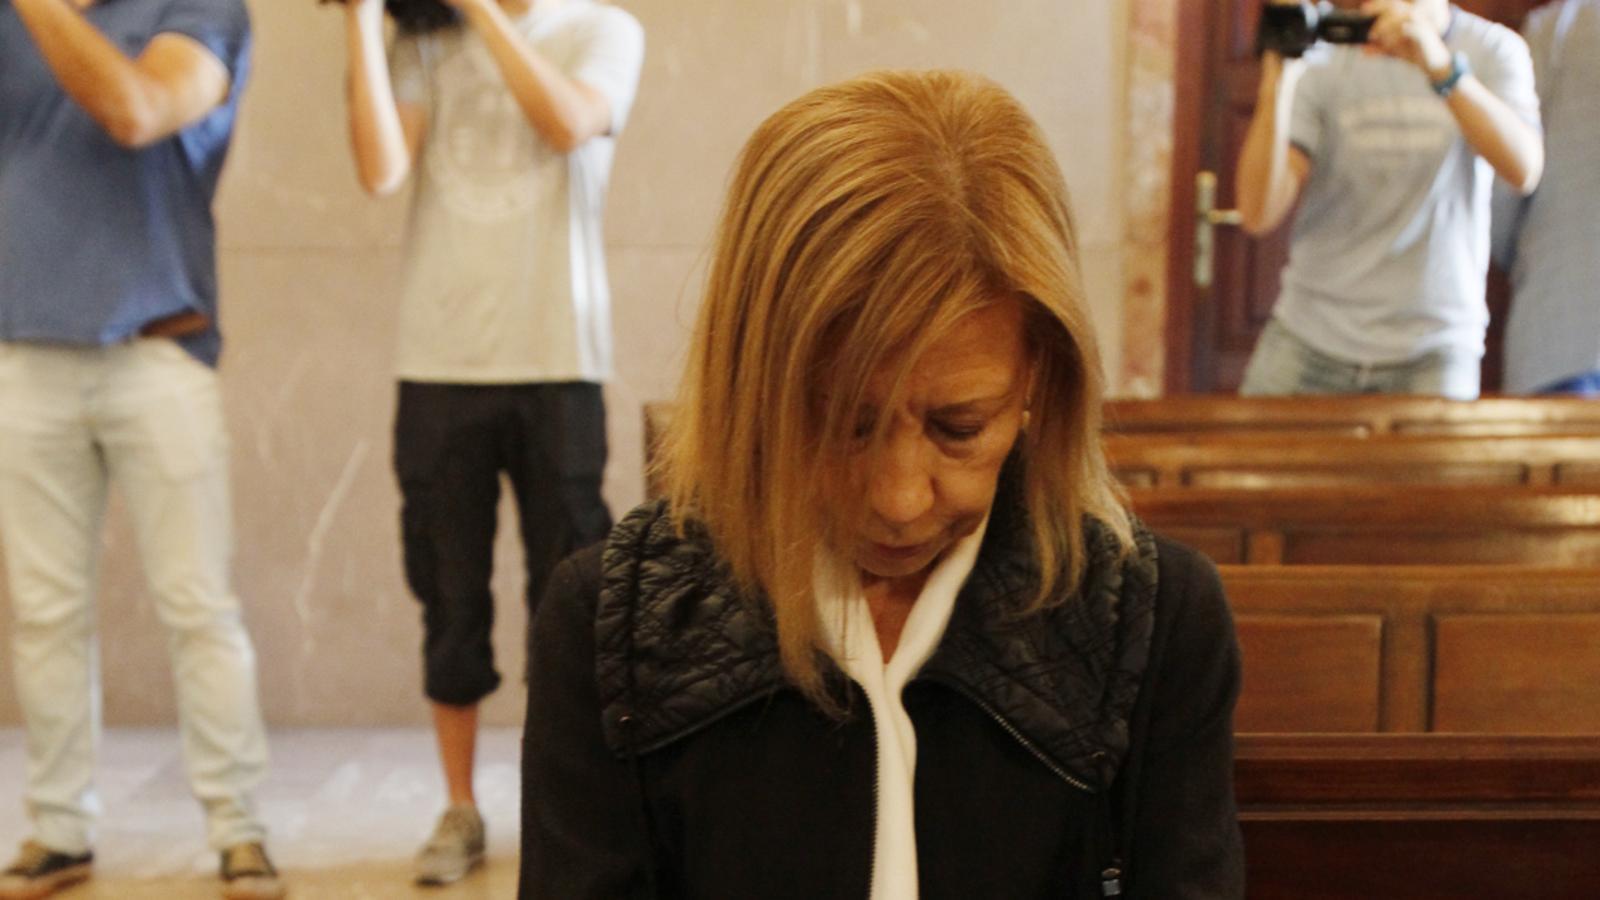 L'expresidenta del Consell de Mallorca, Maria Antònia Munar, durant el judici de Can Domenge.